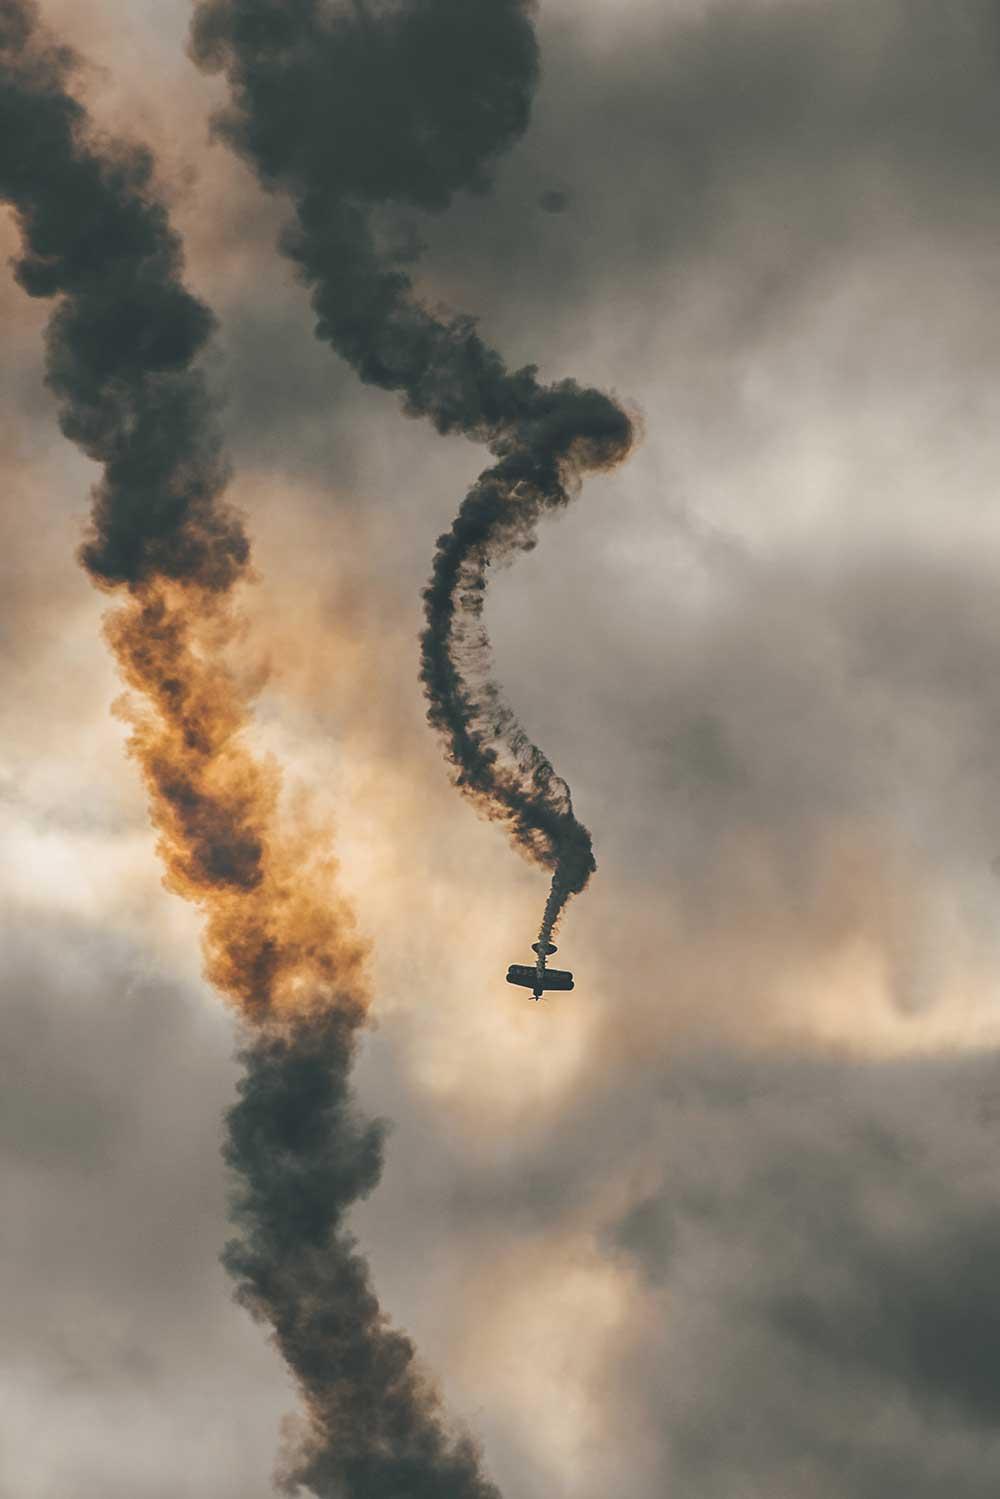 Падение самолёта по причине сна пилота